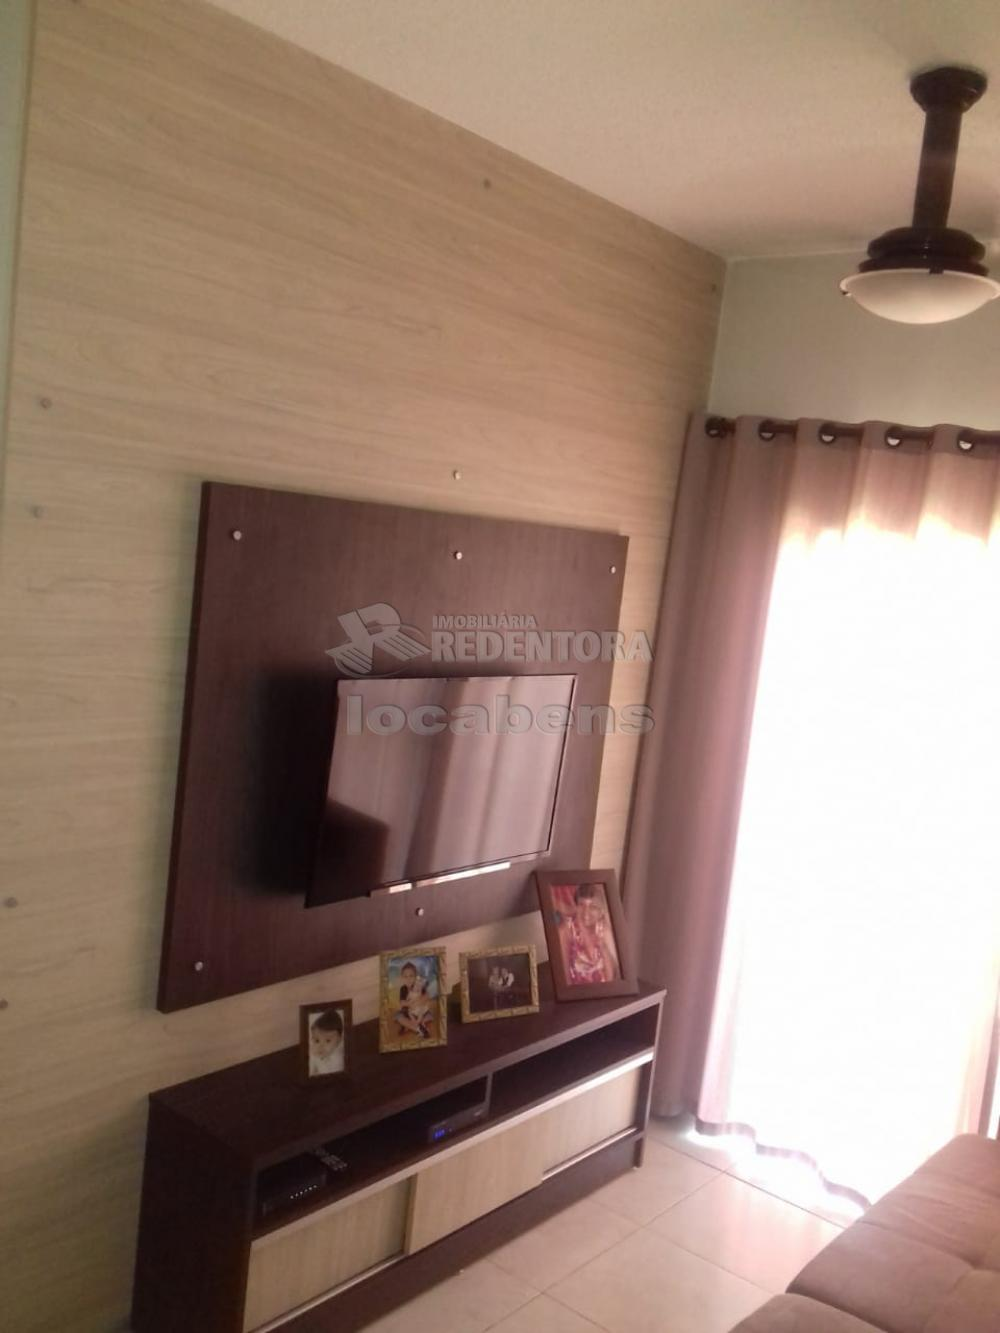 Comprar Apartamento / Padrão em São José do Rio Preto R$ 185.000,00 - Foto 3